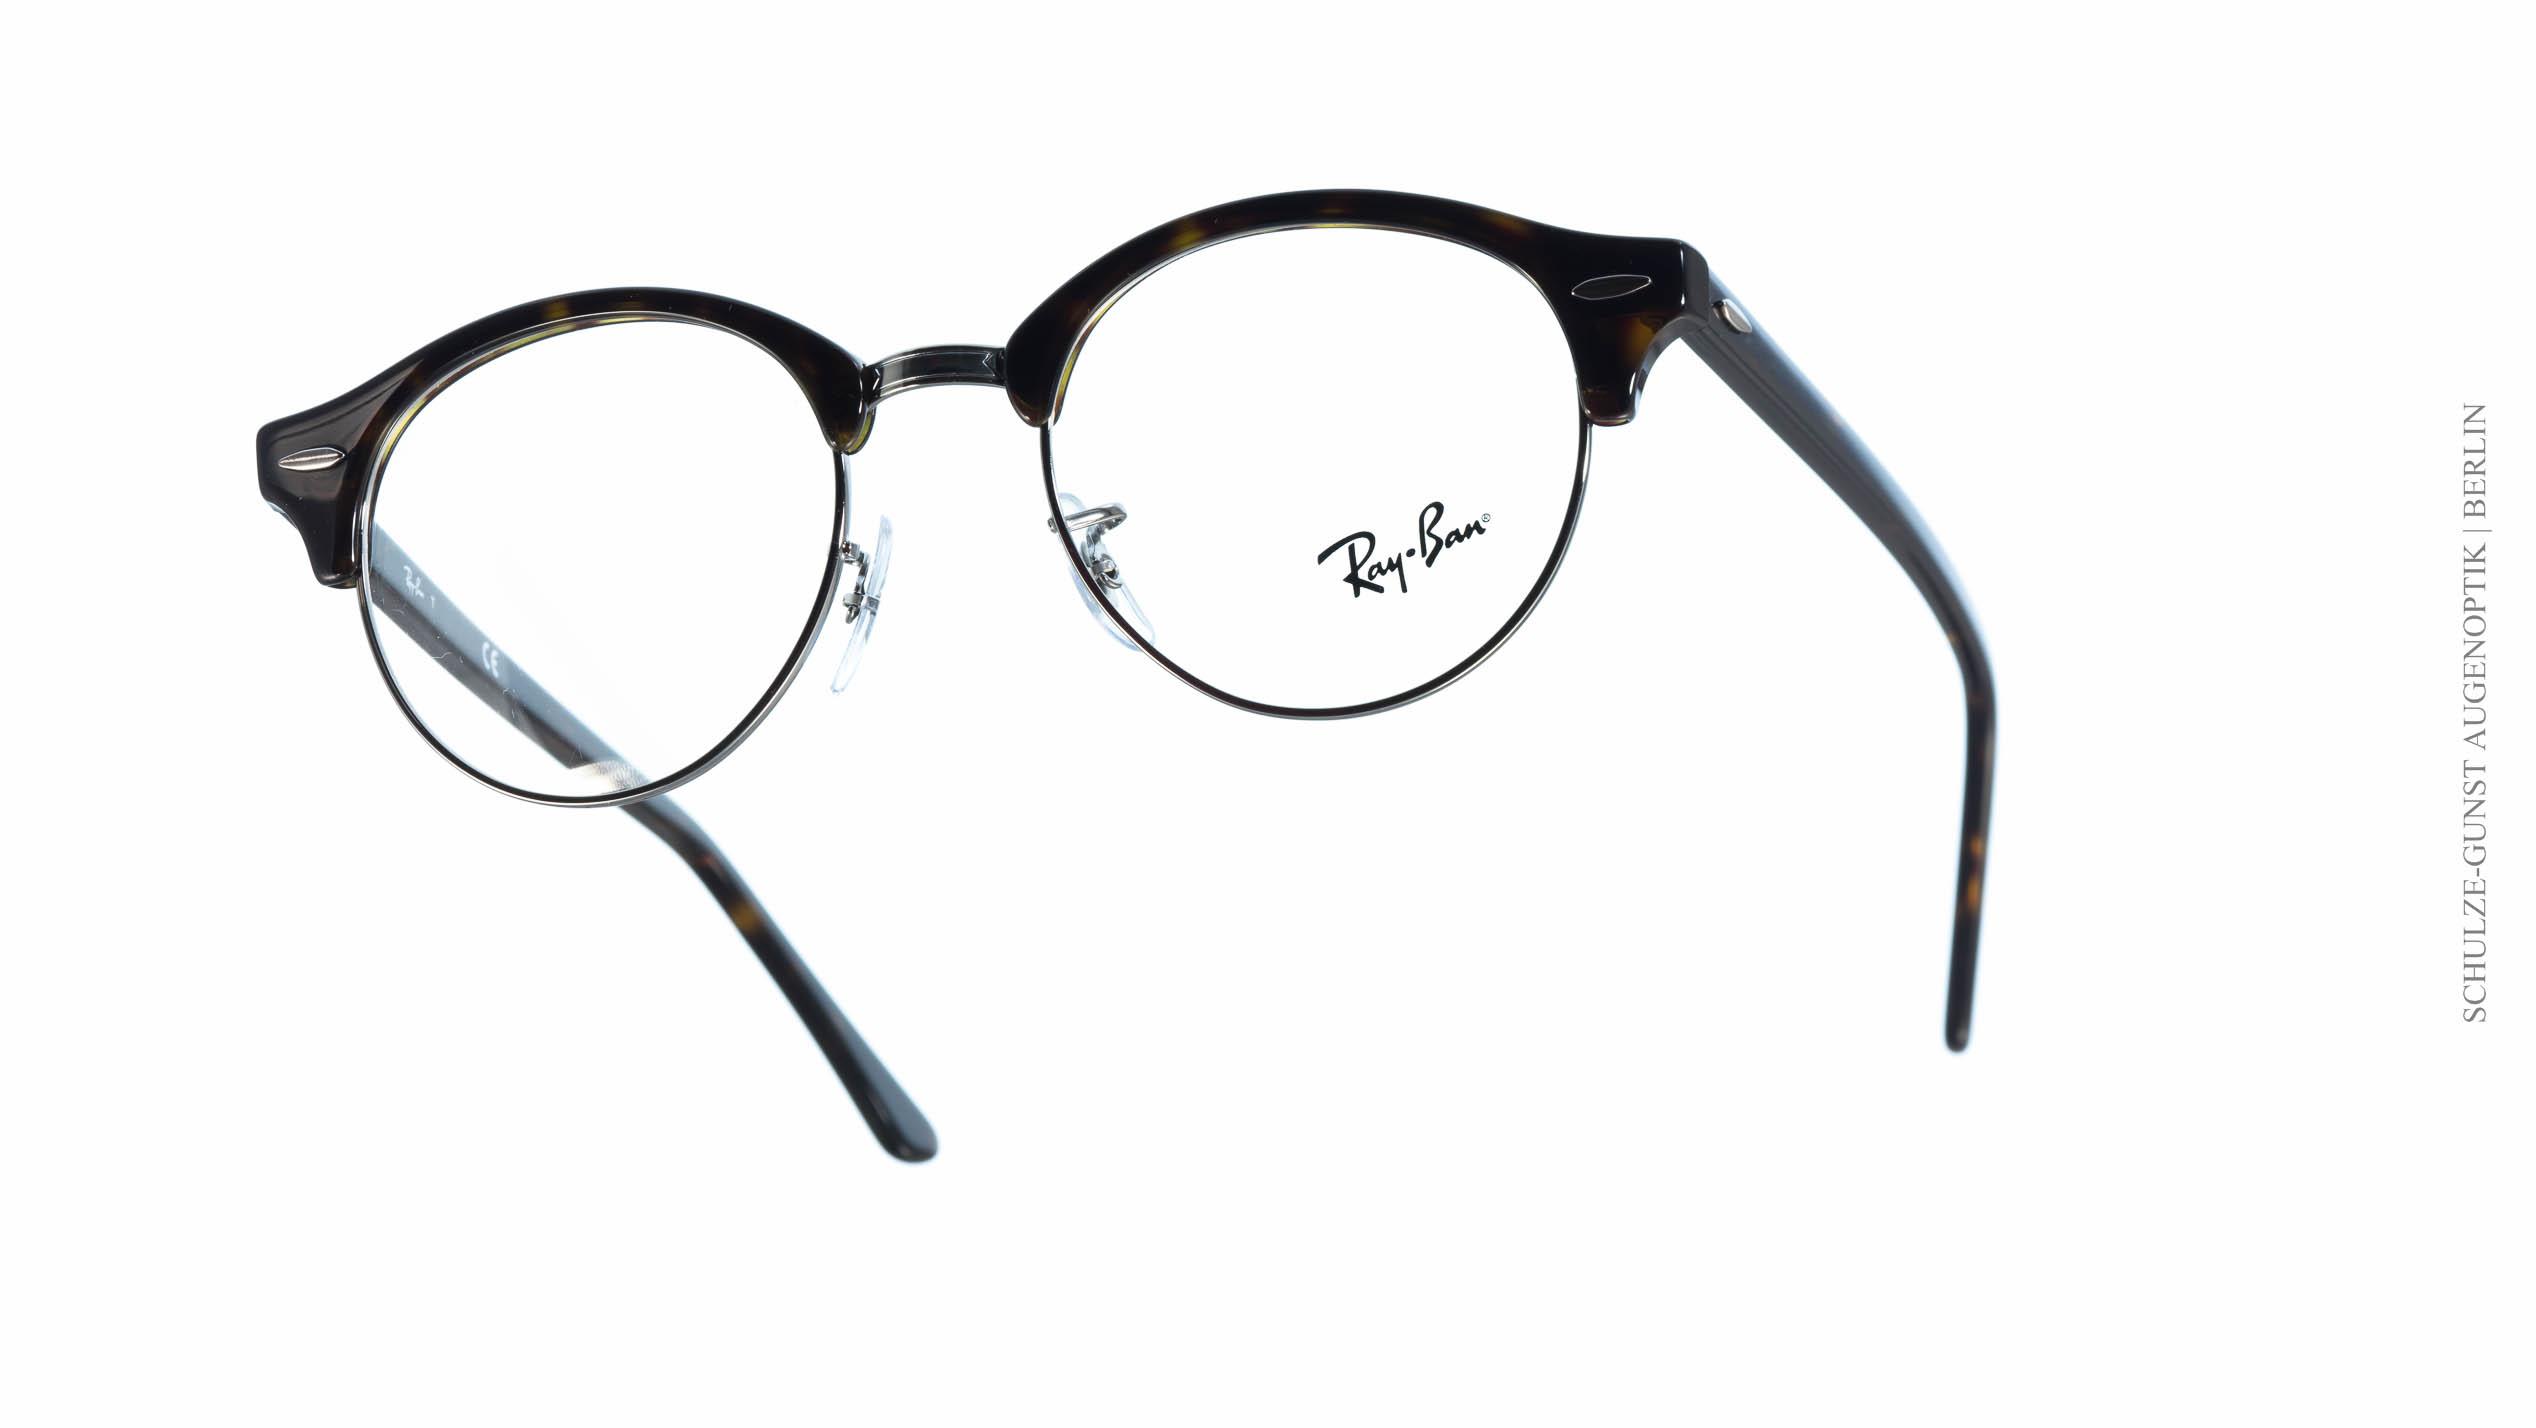 8053 – Ray-Ban / RB 4246-V - SCHULZE-GUNST Augenoptik seit 1894